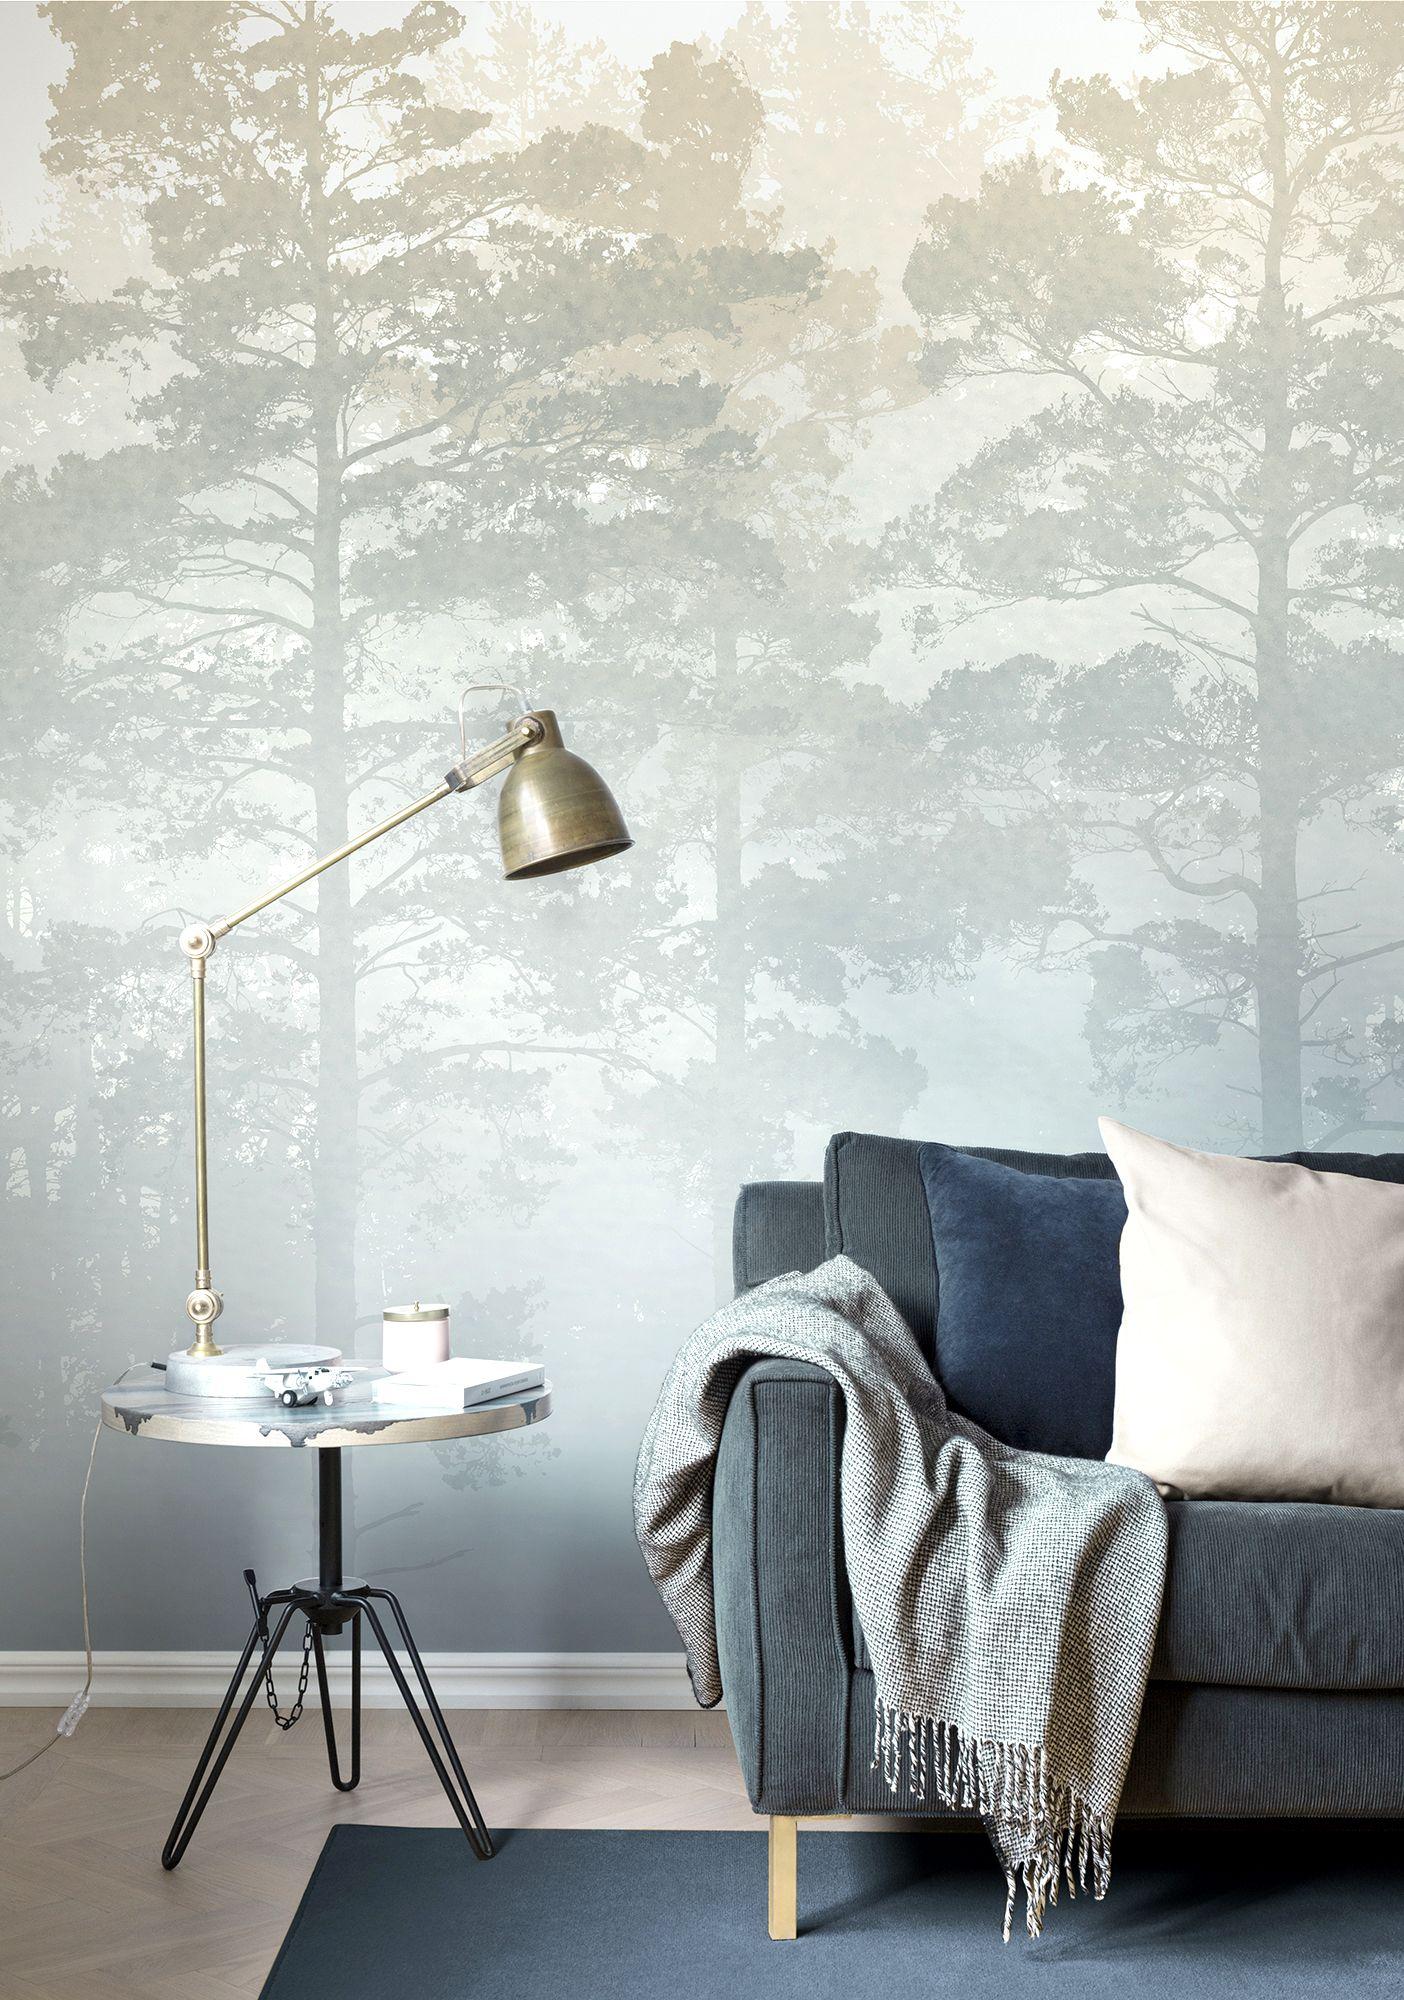 Misty Pine Forest by M. Stenströmer wallpaper wallmurals